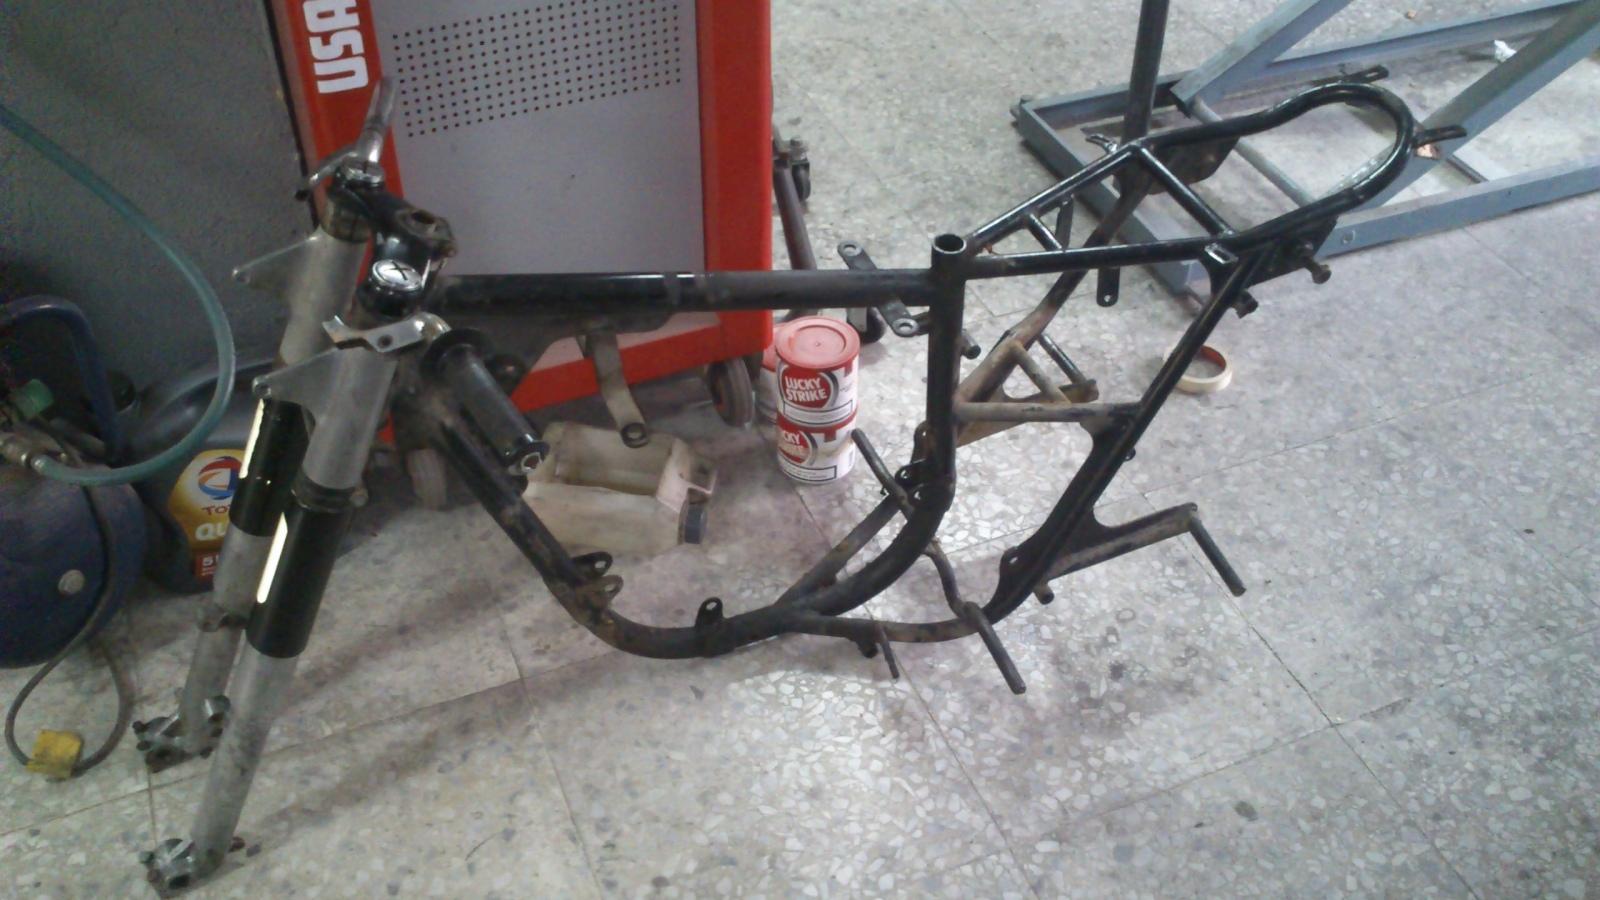 De vuelta a la carretera: Bultaco Tralla 102 11aya1x